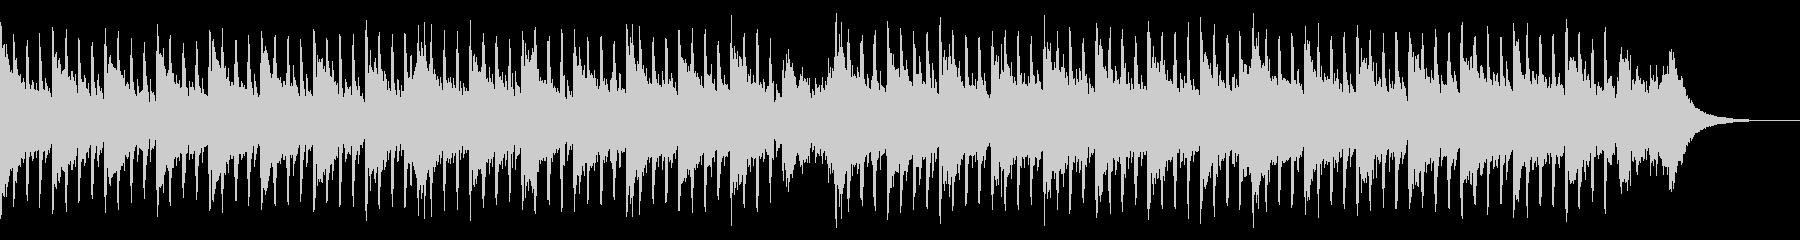 インタビュー音楽(中)の未再生の波形